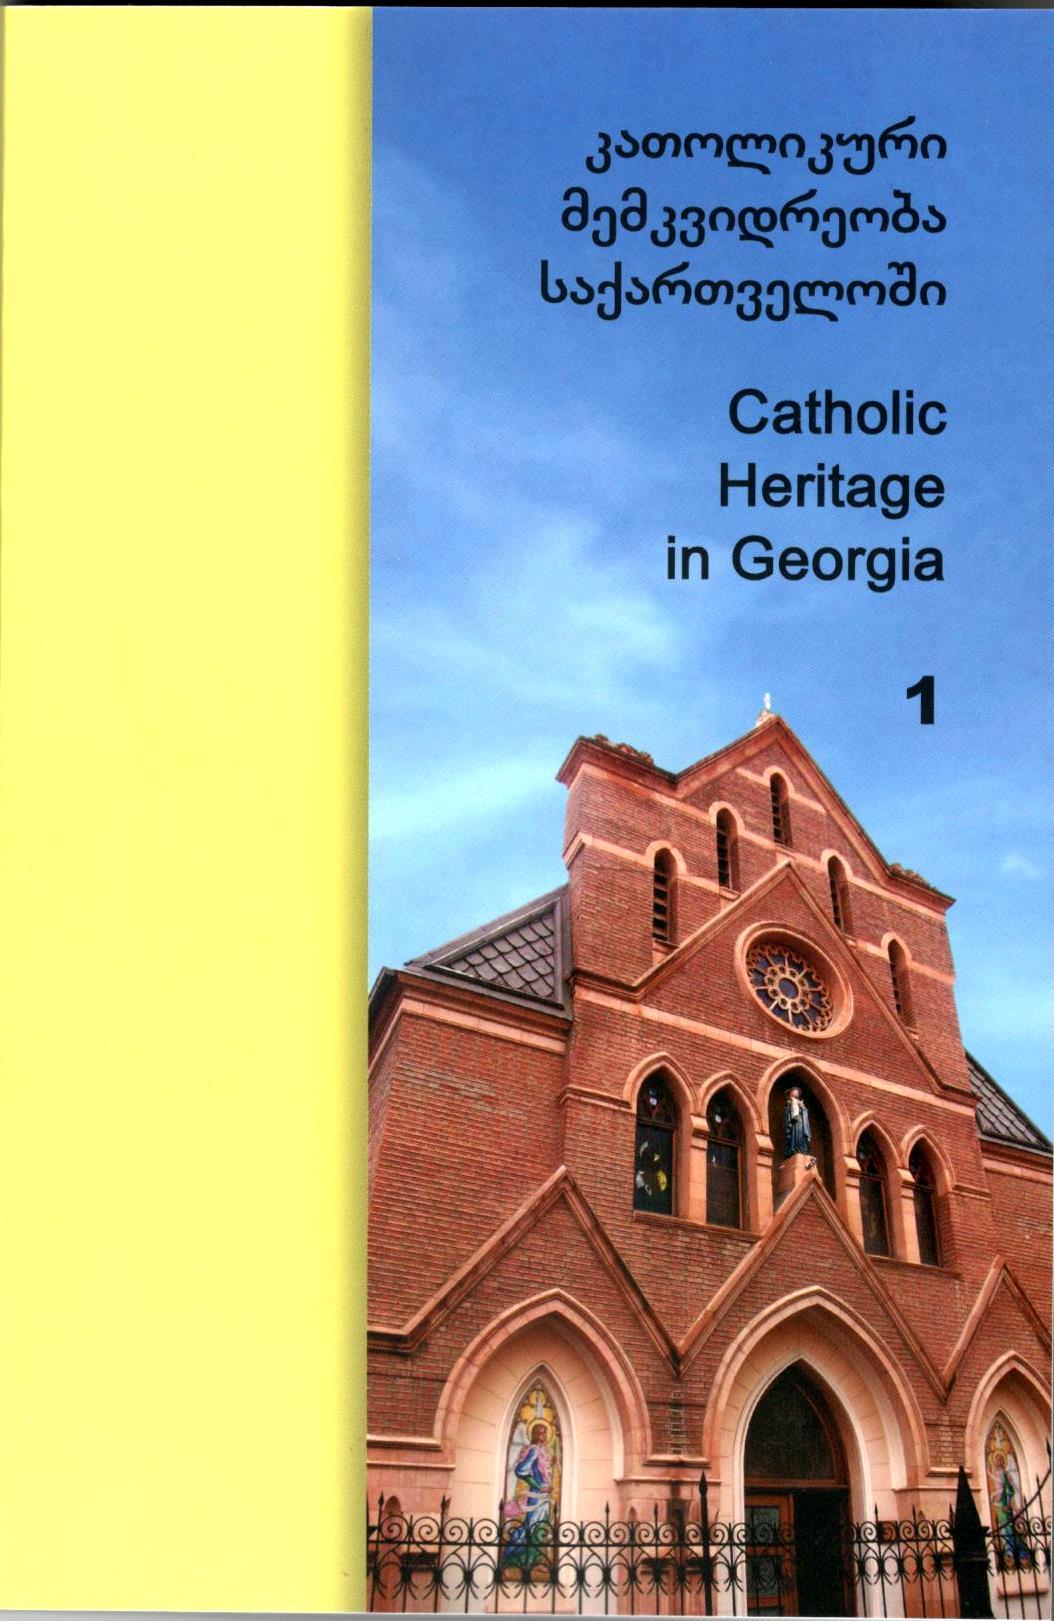 კათოლიკური მემკვიდრეობა საქართველოში. 1-ლი საერთაშორისო სიმპოზიუმი